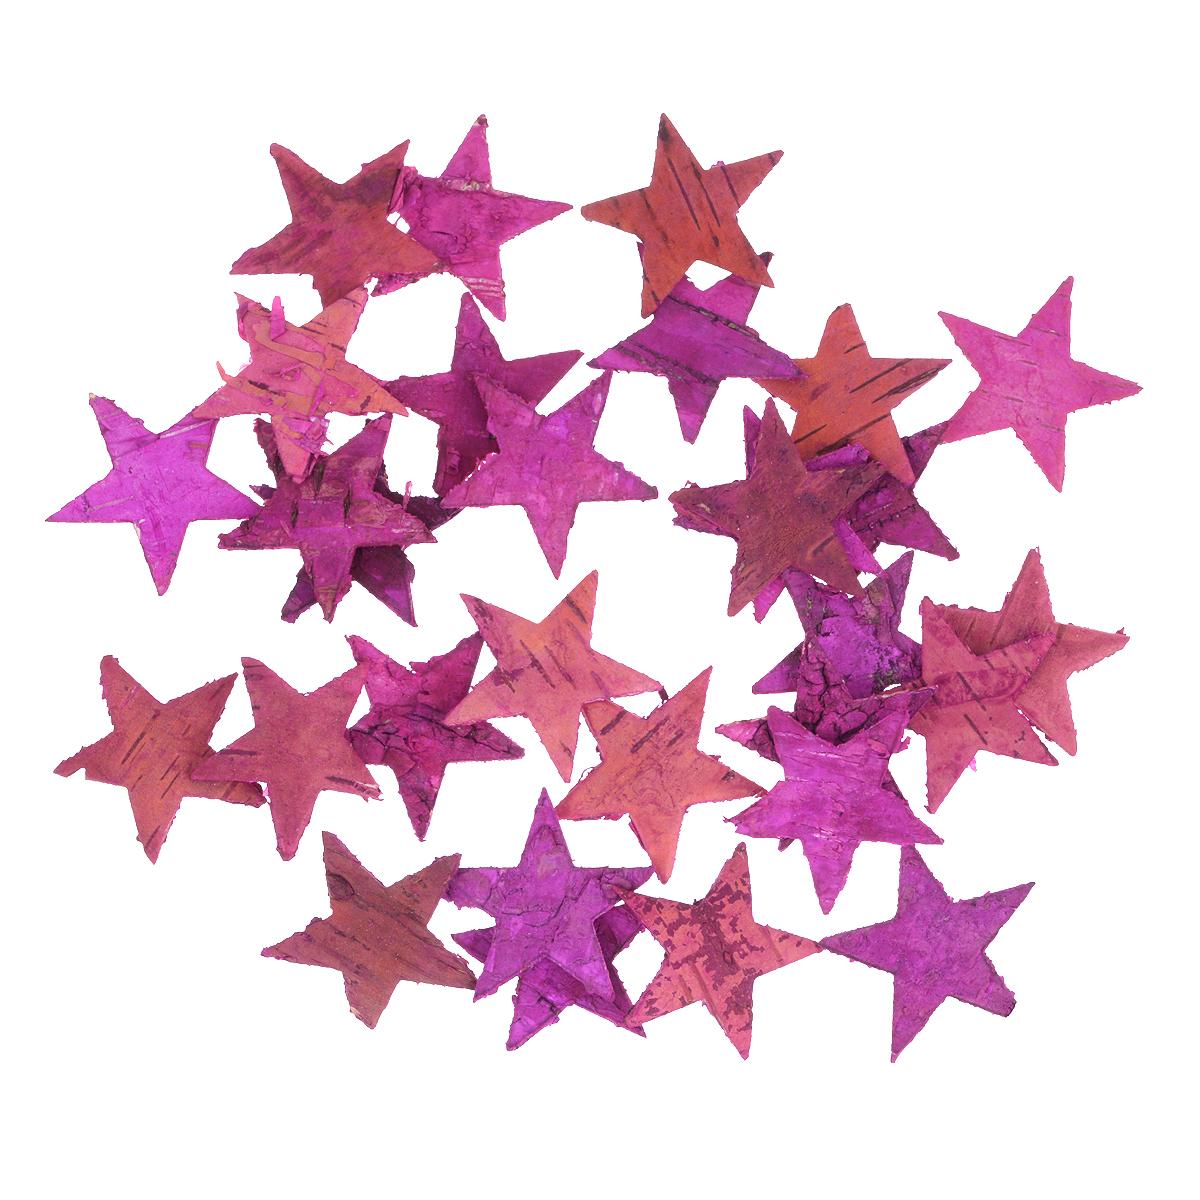 Декоративный элемент Dongjiang Art Звезда, цвет: розовый, 30 шт7709006Декоративный элемент Dongjiang Art Звезда, изготовленный из натуральной коры дерева, предназначен для украшения цветочных композиций. Изделие можно также использовать в технике скрапбукинг и многом другом. Флористика - вид декоративно-прикладного искусства, который использует живые, засушенные или консервированные природные материалы для создания флористических работ. Это целый мир, в котором есть место и строгому математическому расчету, и вдохновению.